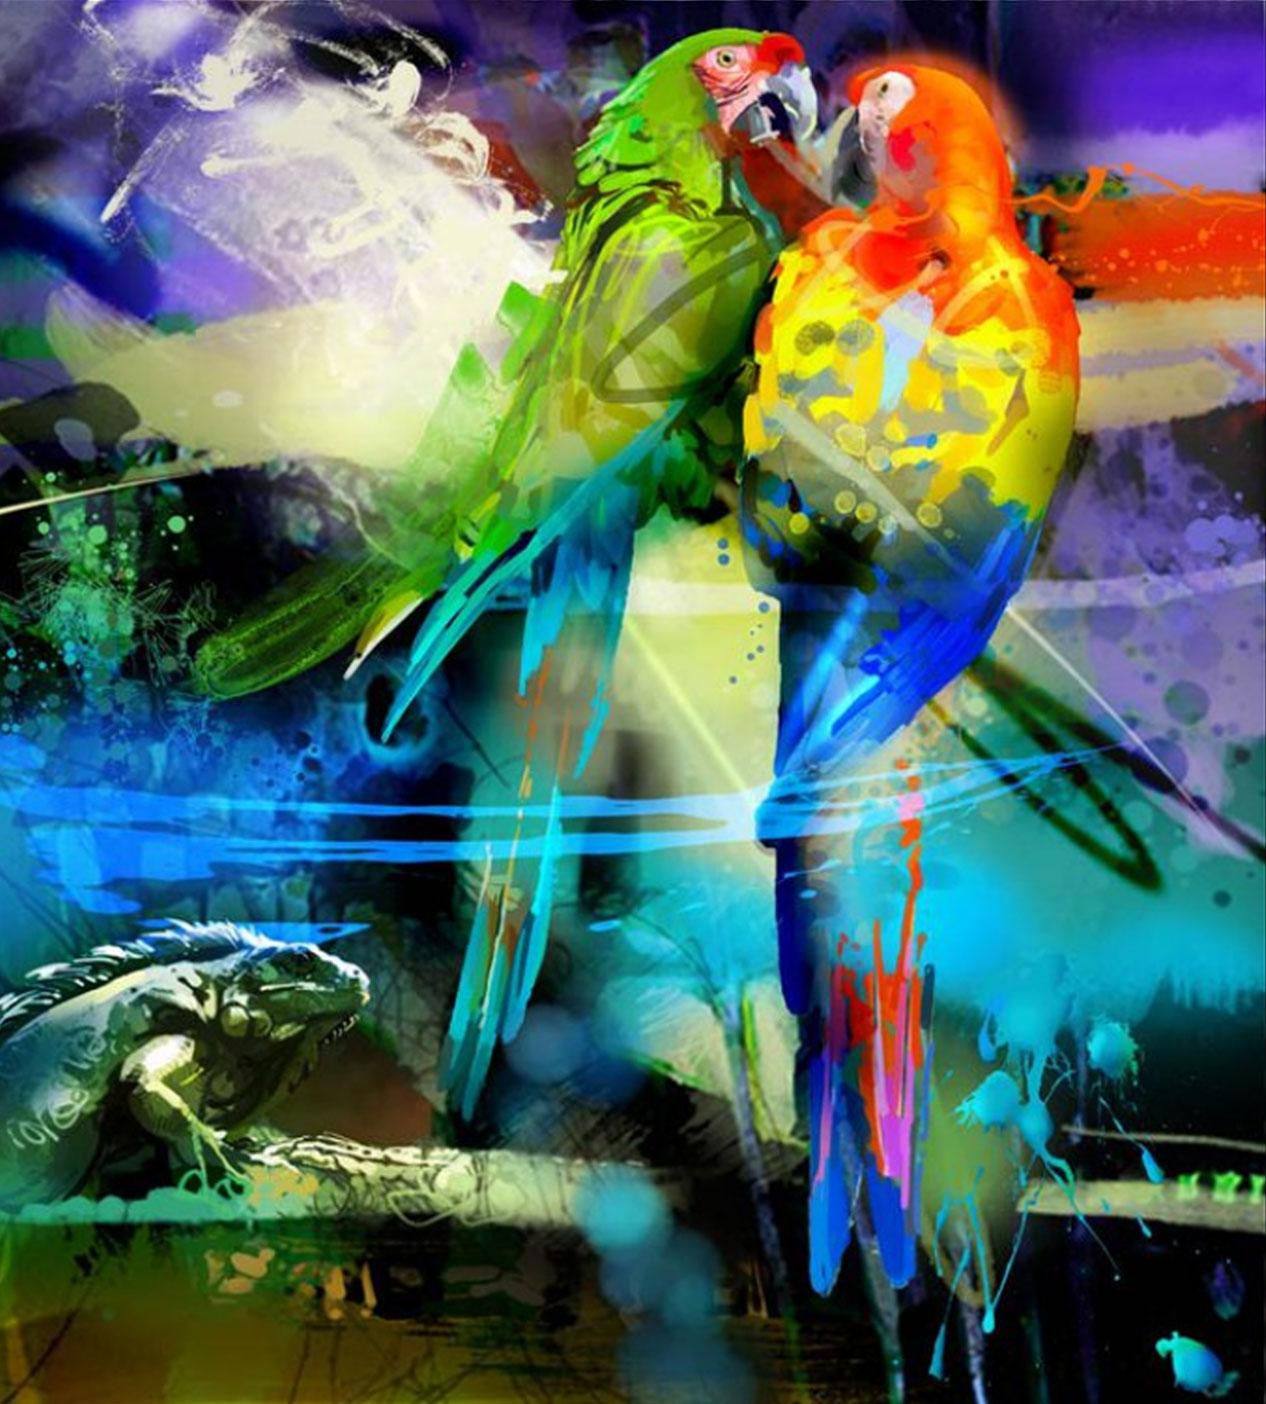 ¡Obras llenas de color!